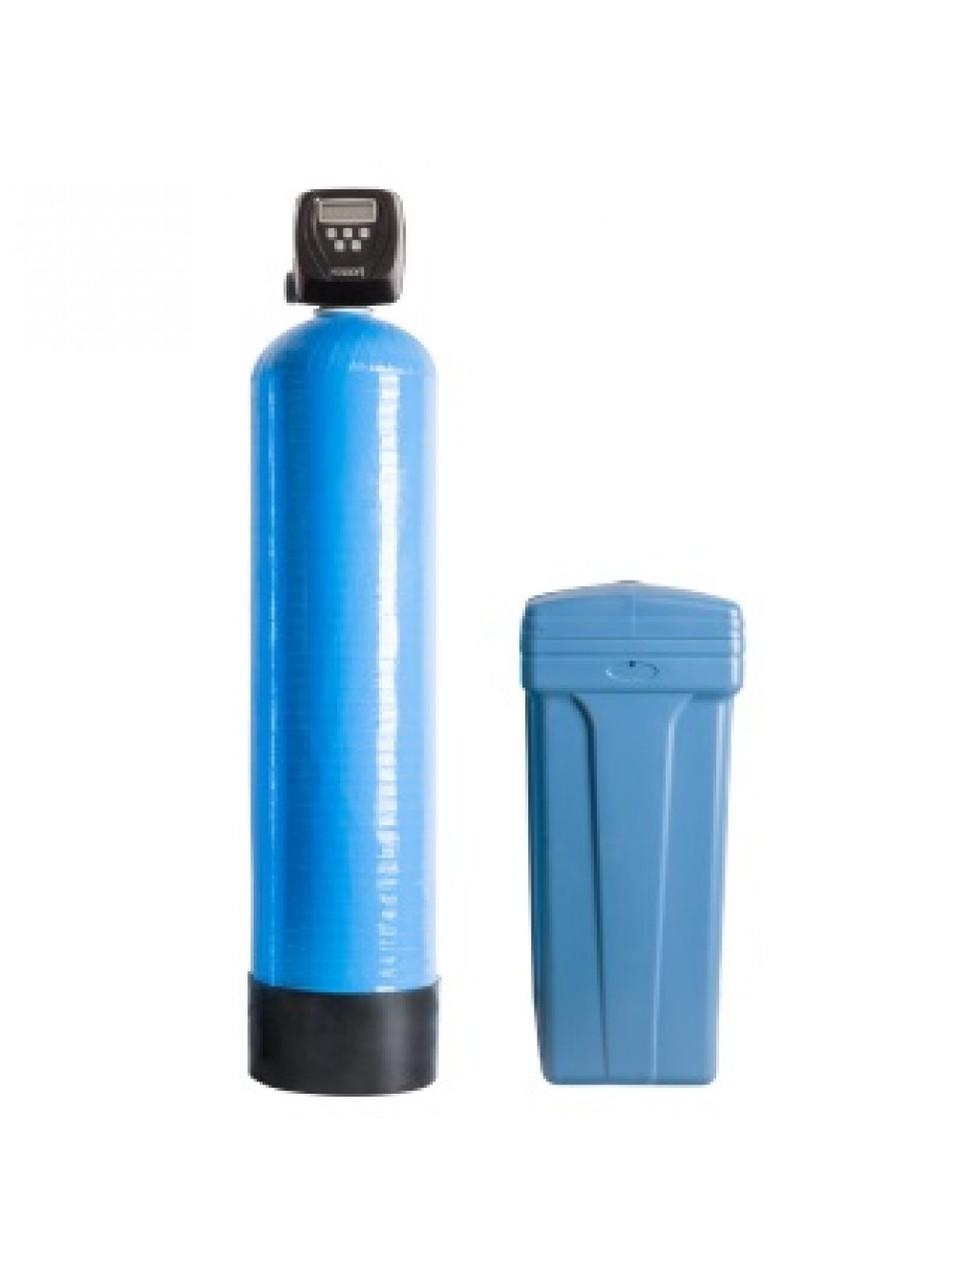 Фильтр обезжелезивания и умягчения воды  Filtrons KO1035 Clack CI